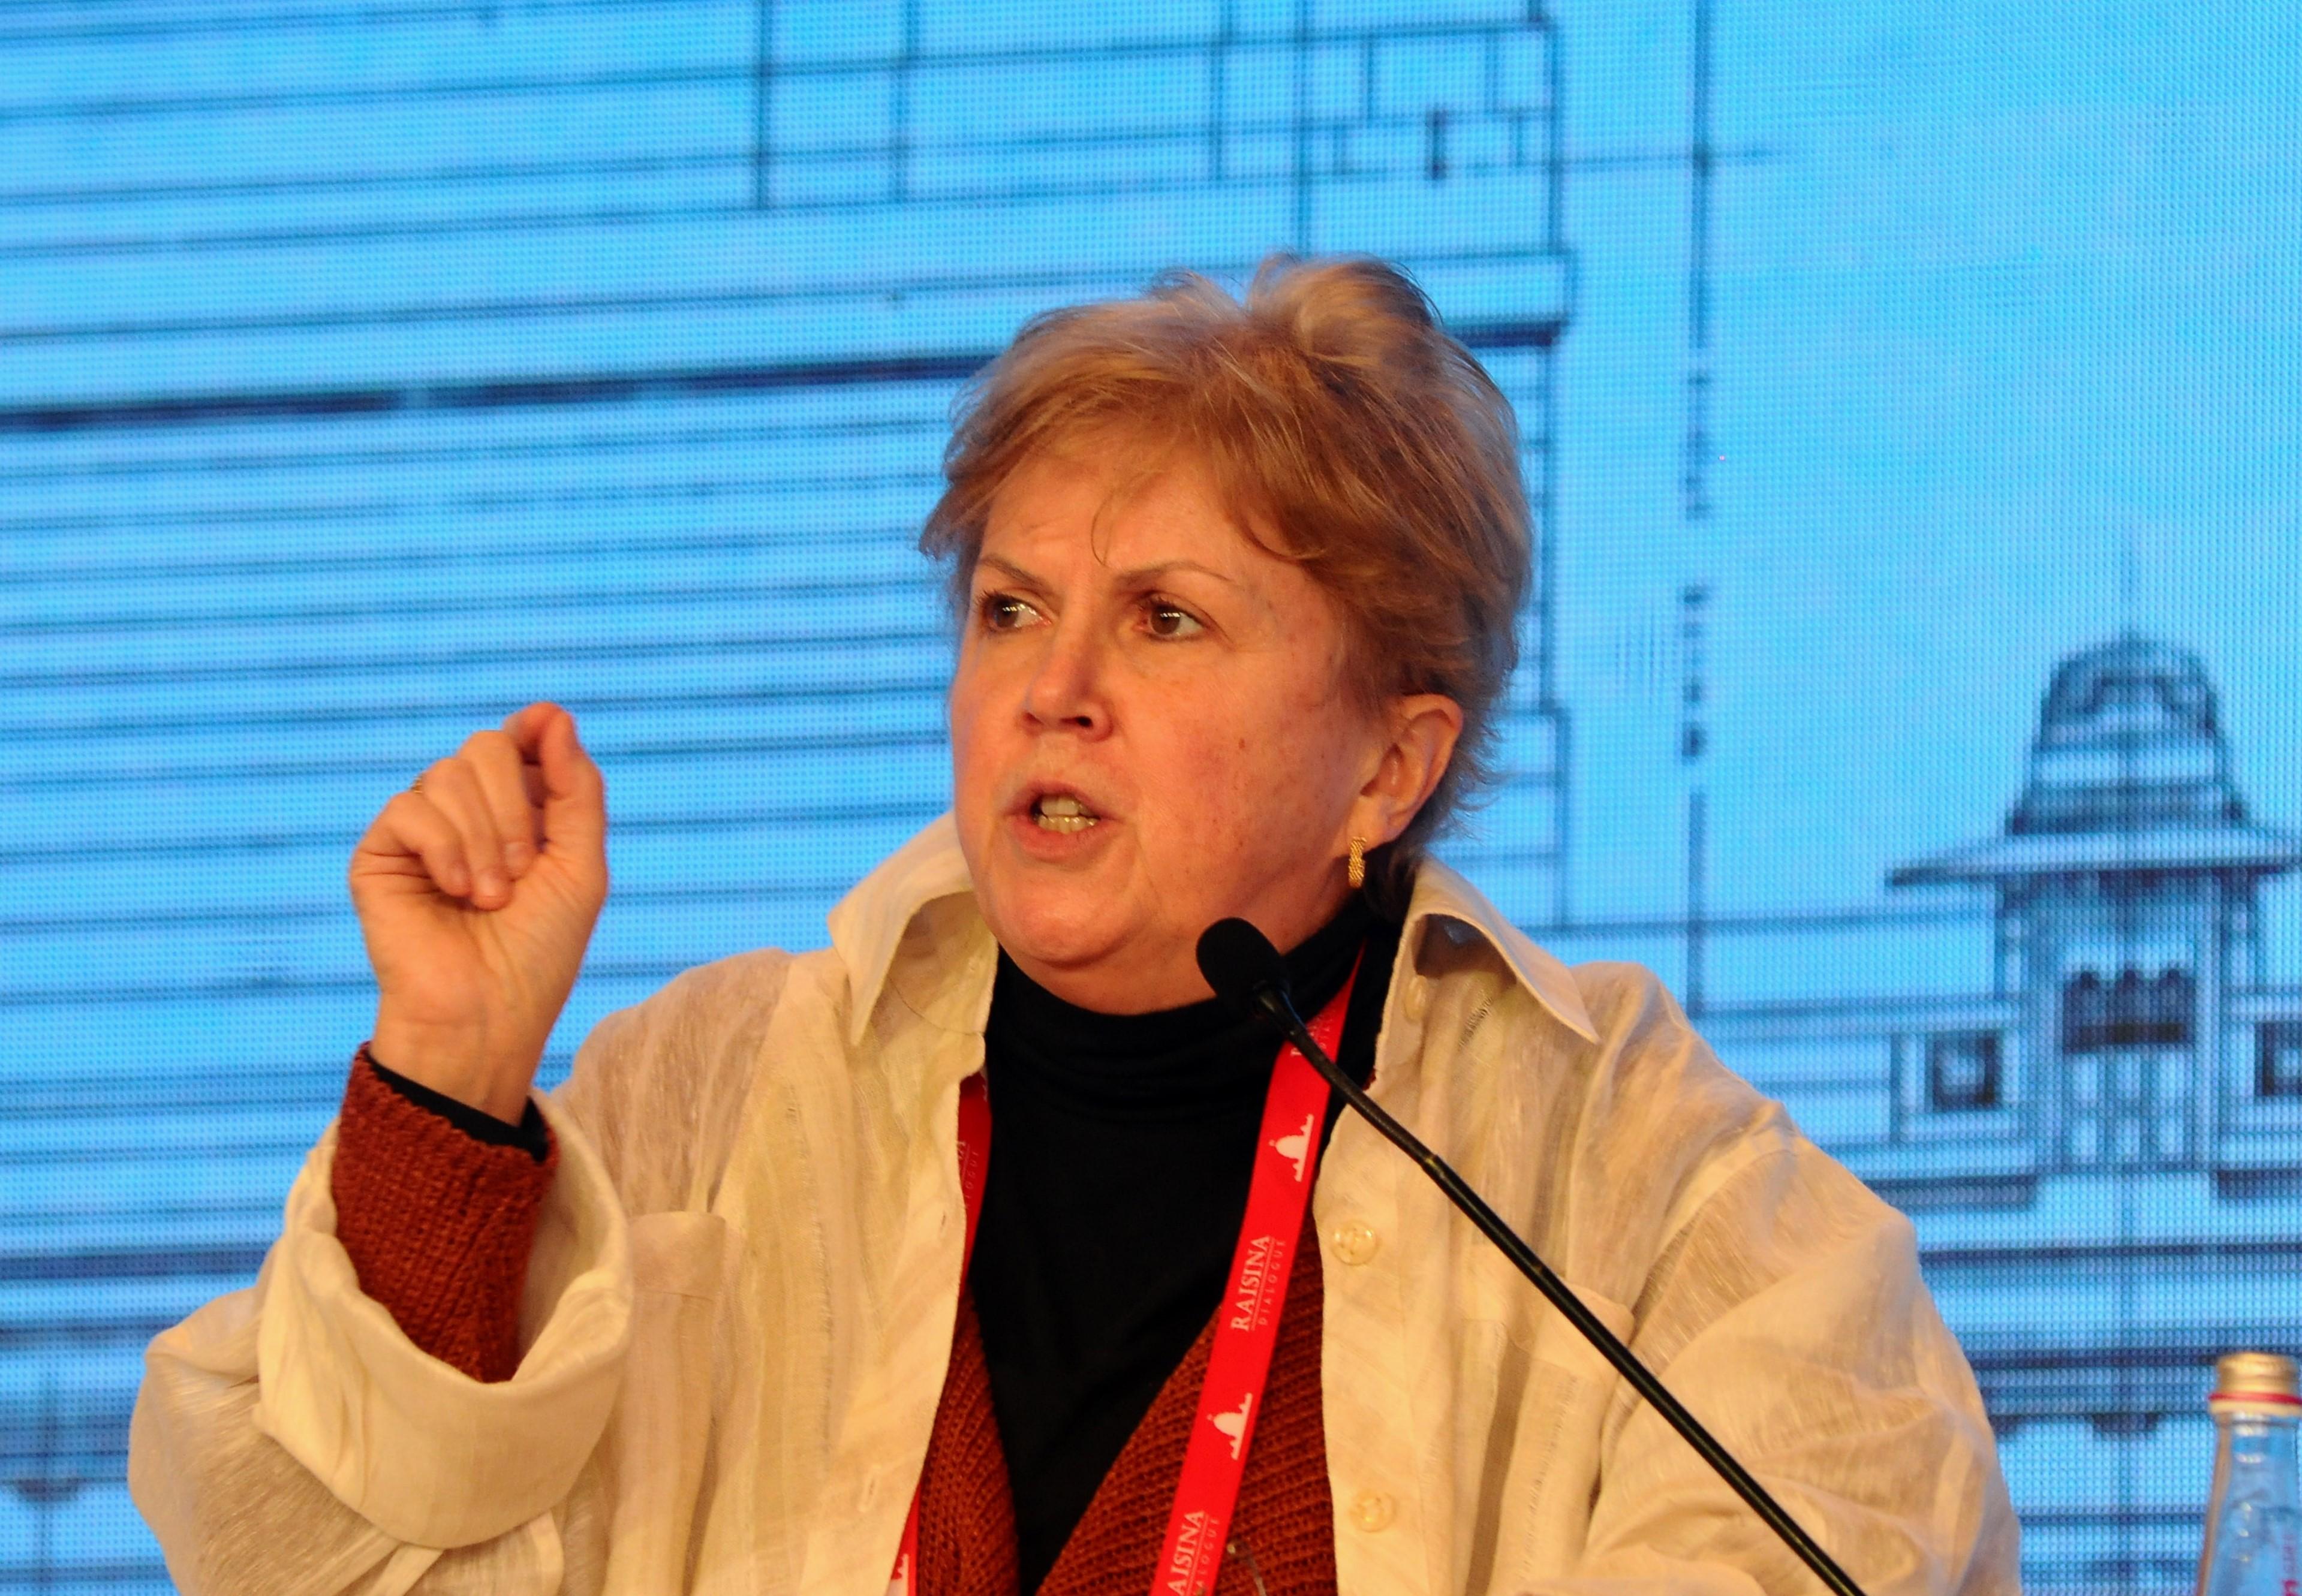 Η ειδική απεσταλμένη του ΓΓ του ΟΗΕ για το Κυπριακό, Τζέιν Χολ Λουτ